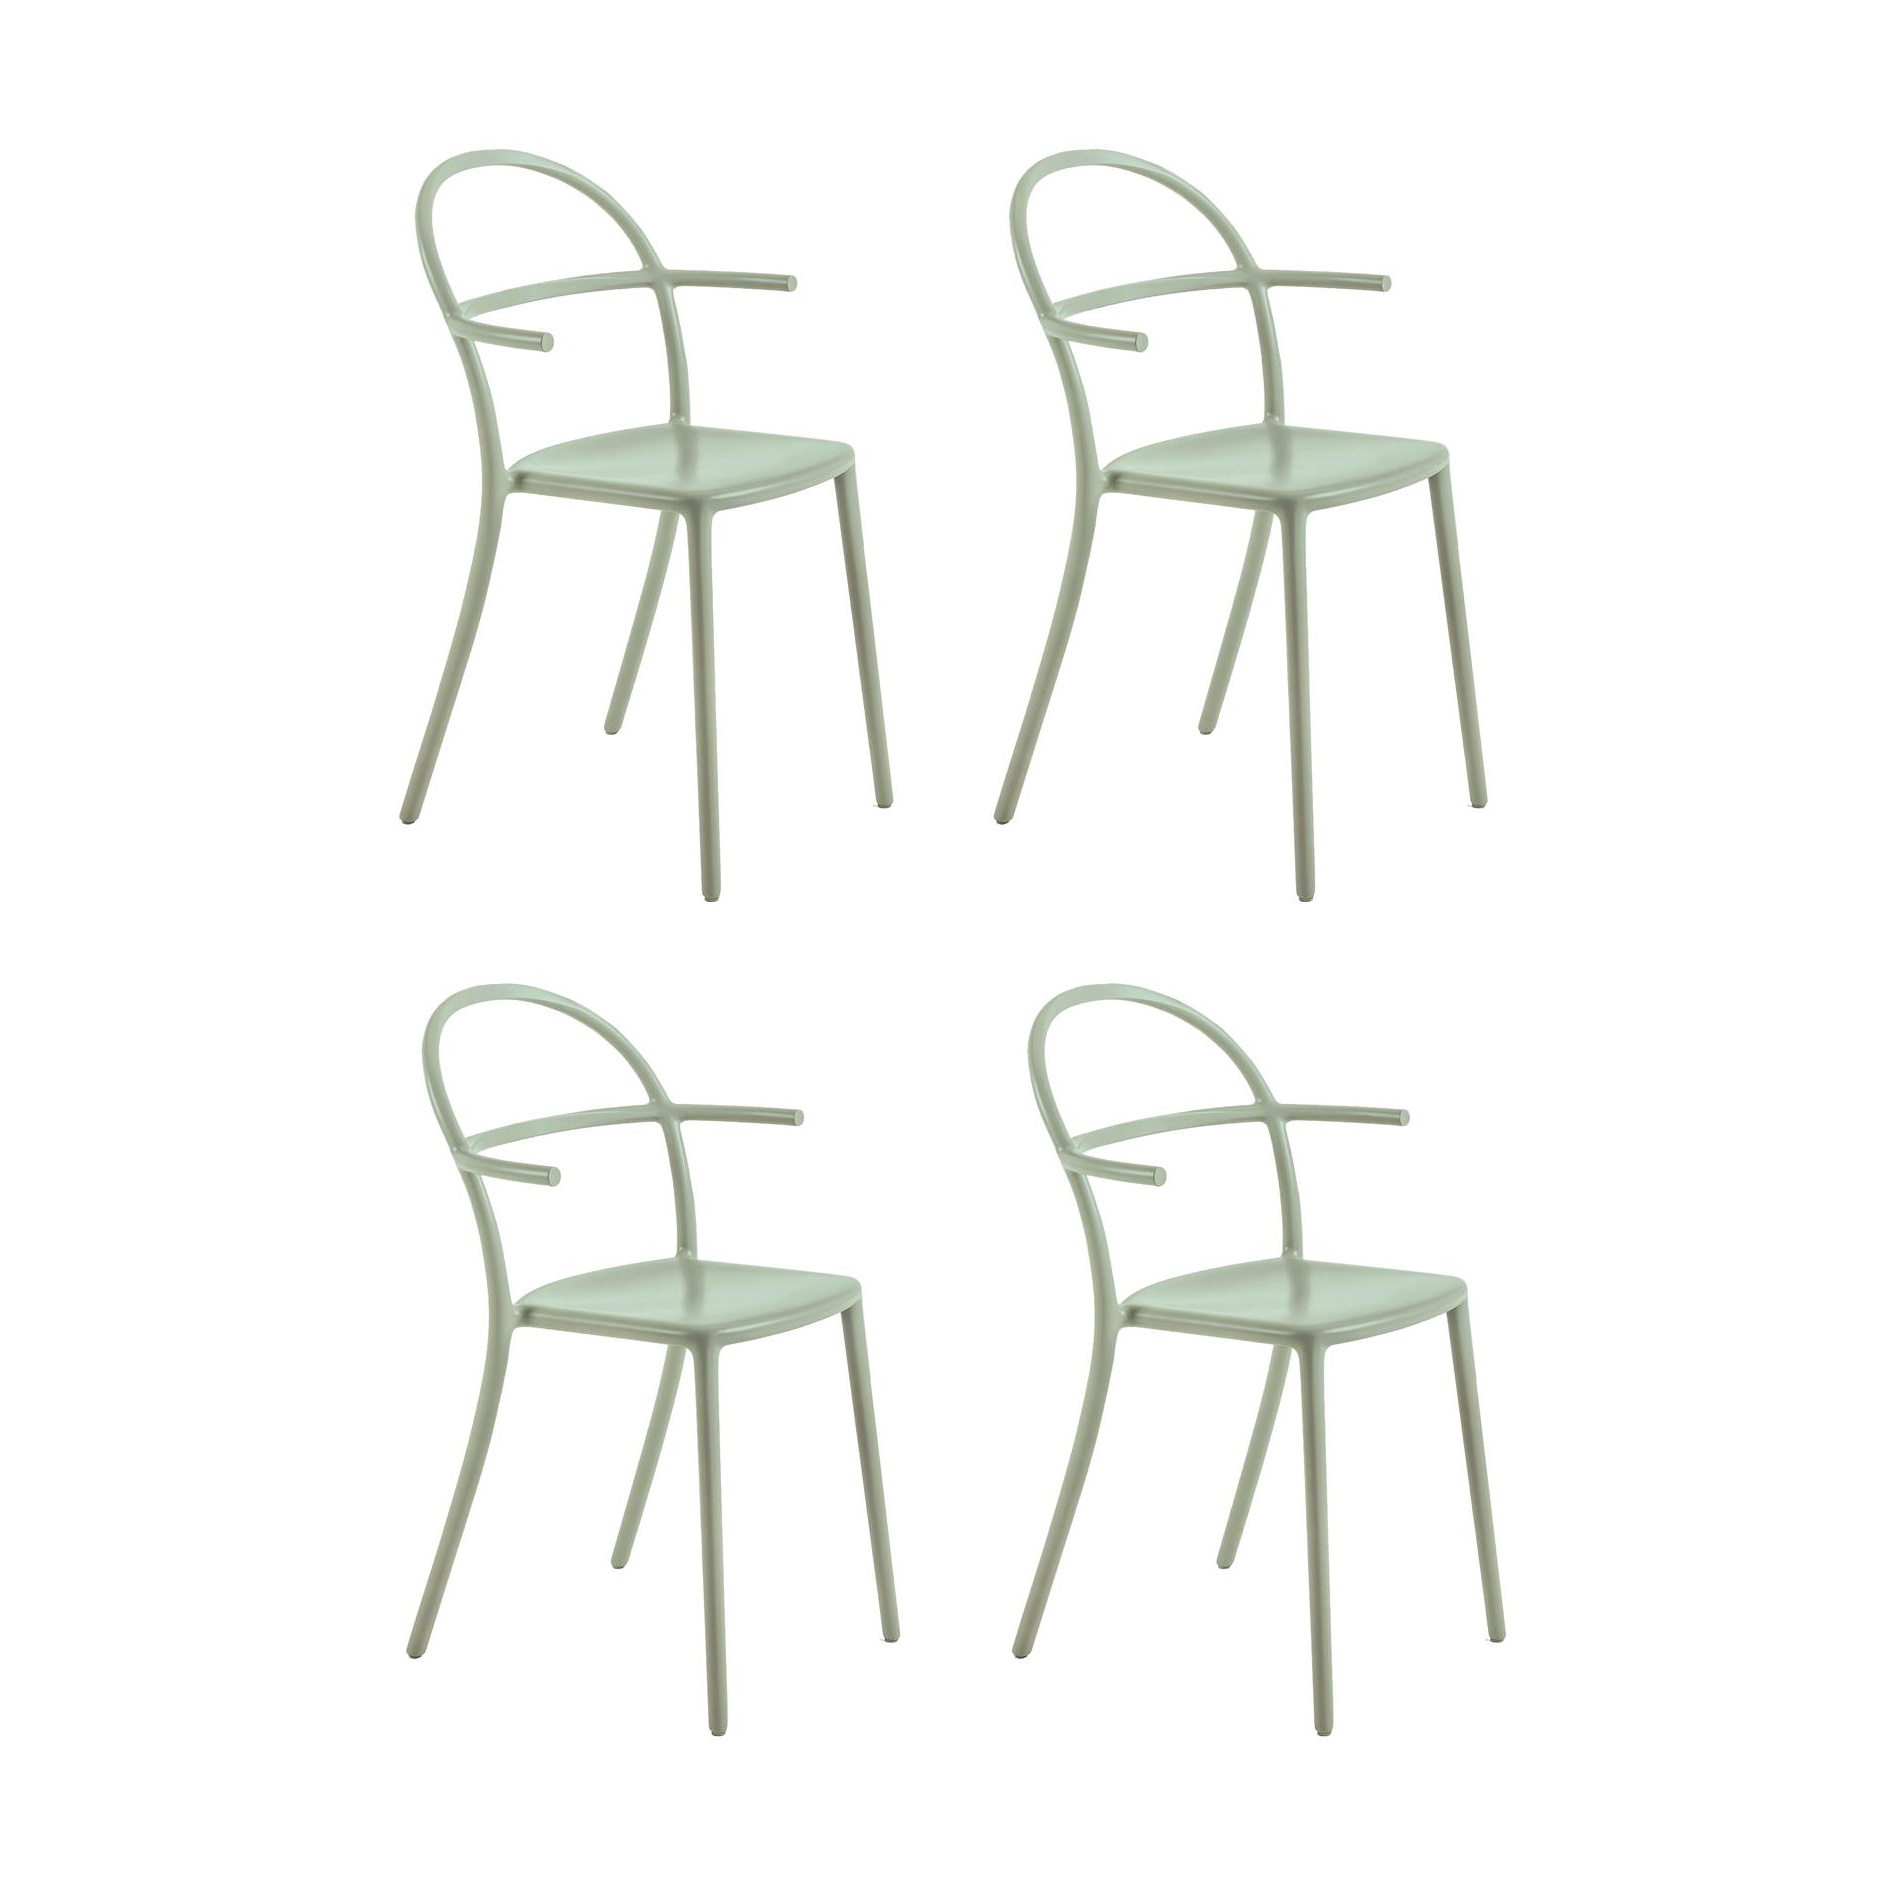 Kartell - Generic C Armlehnstuhl 4er Set - salbeigrün/BxHxT 52x83|5x51cm/Stapelbar | Küche und Esszimmer > Stühle und Hocker > Armlehnstühle | Salbeigrün | Polypropylen | Kartell